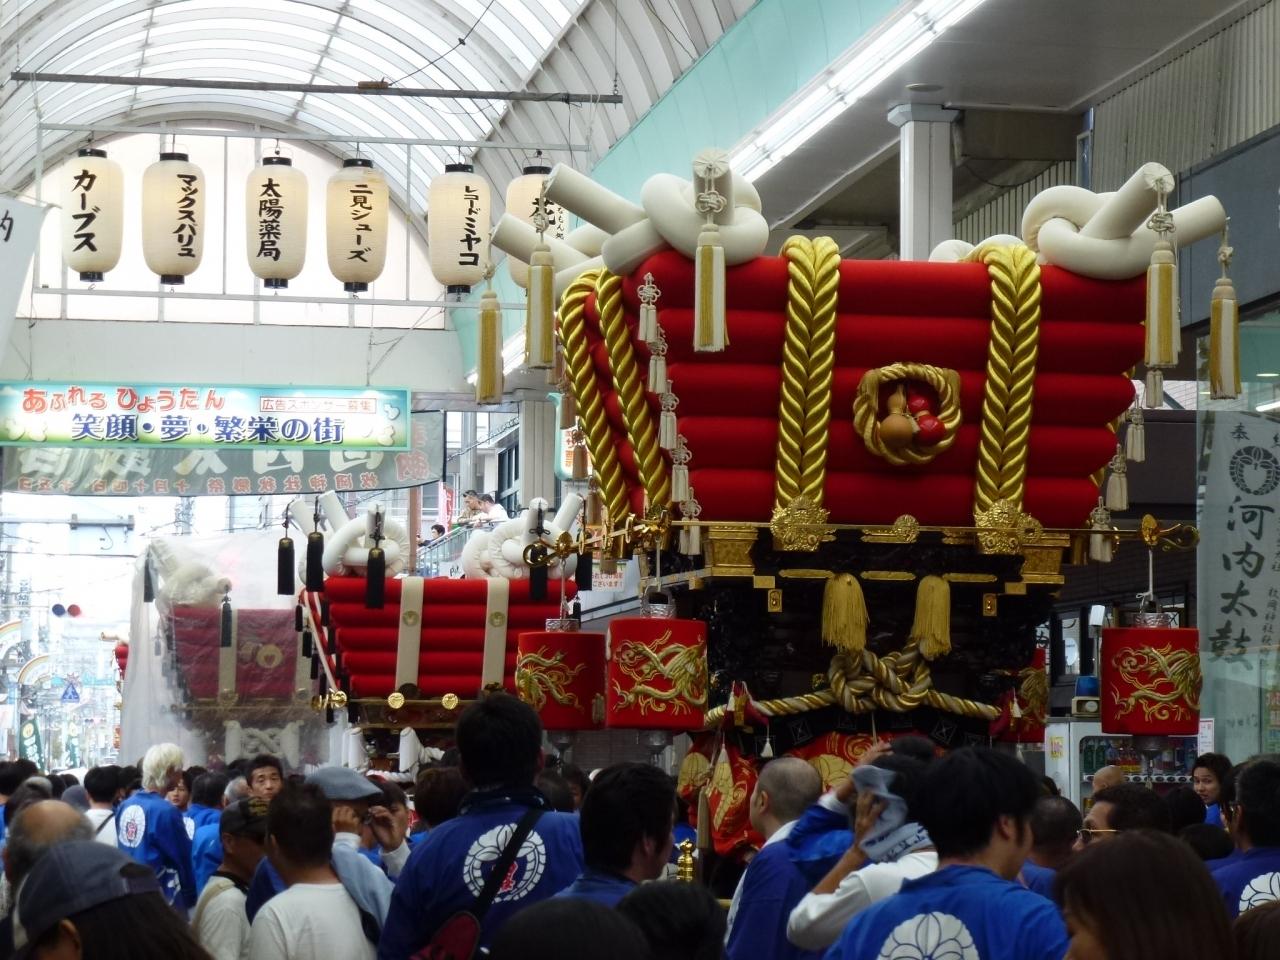 四條太鼓台 枚岡神社へ向けて瓢箪山駅 13時50分 出発  国道170号(旧道) 通称アーケード国道を勇壮に通過します